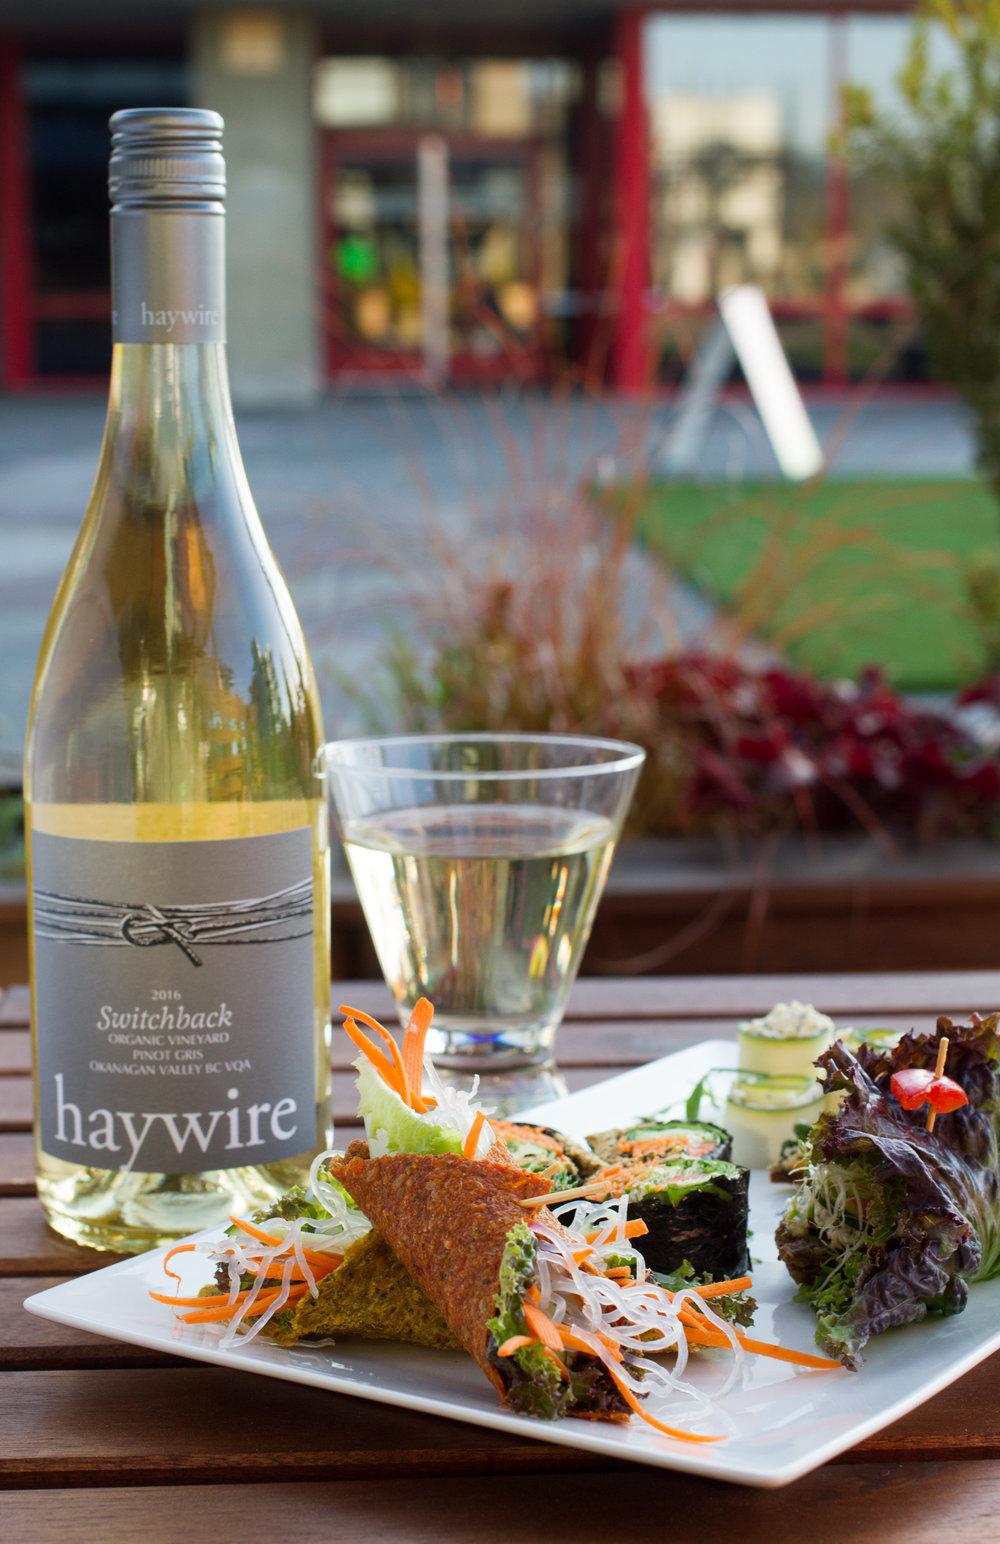 Haywire wine.jpg